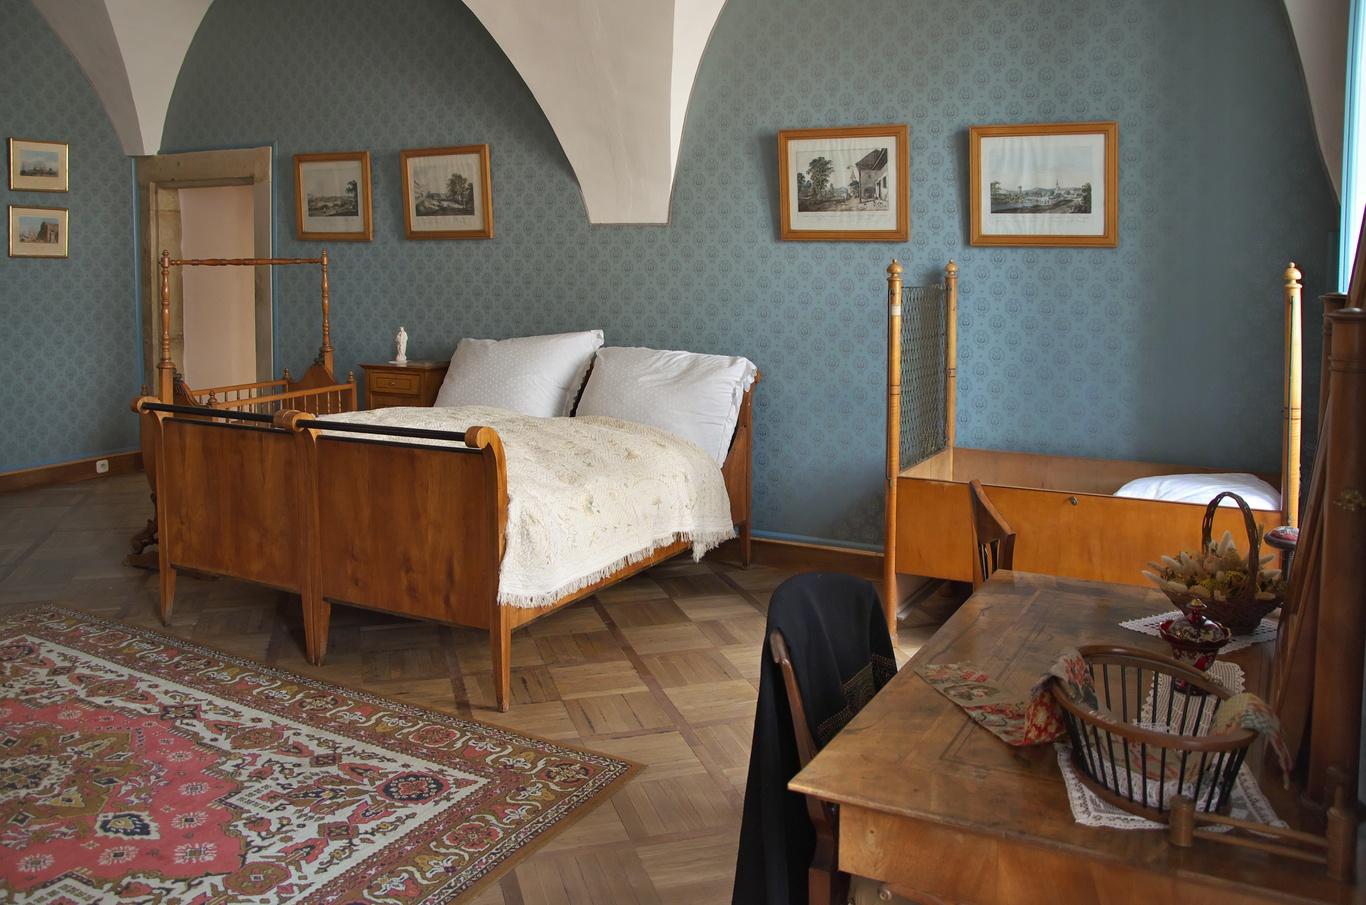 Rodný byt Bedřicha Smetany